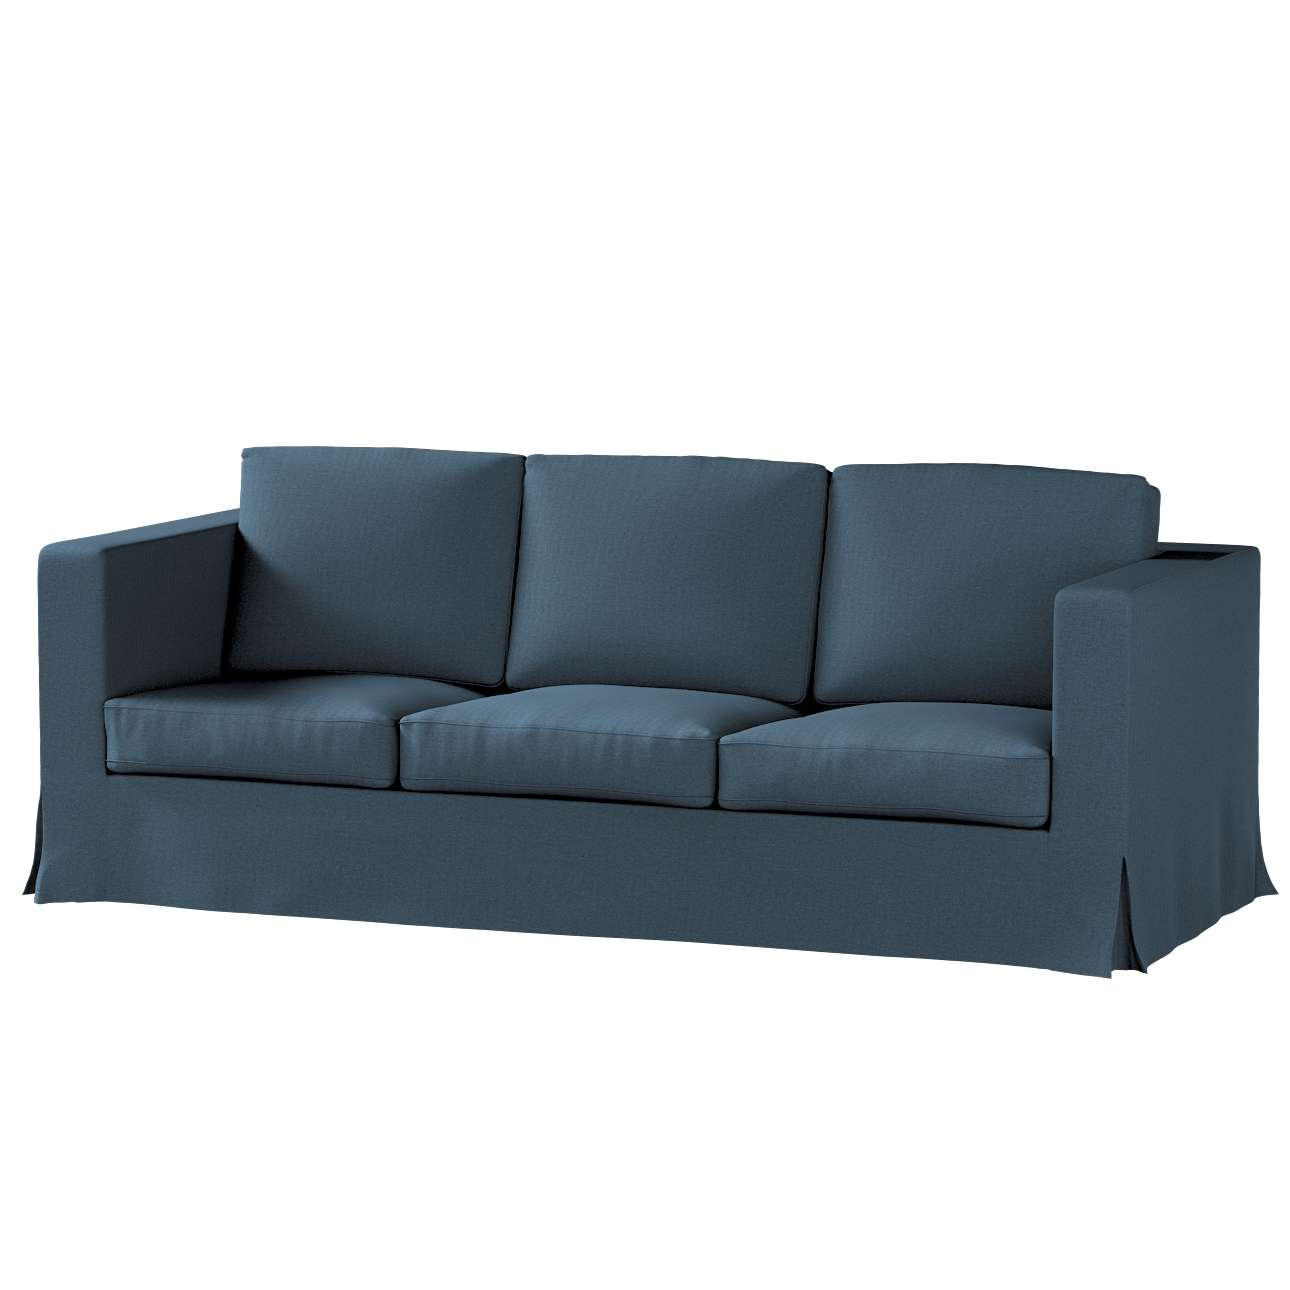 Pokrowiec na sofę Karlanda 3-osobową nierozkładaną, długi w kolekcji Etna, tkanina: 705-30